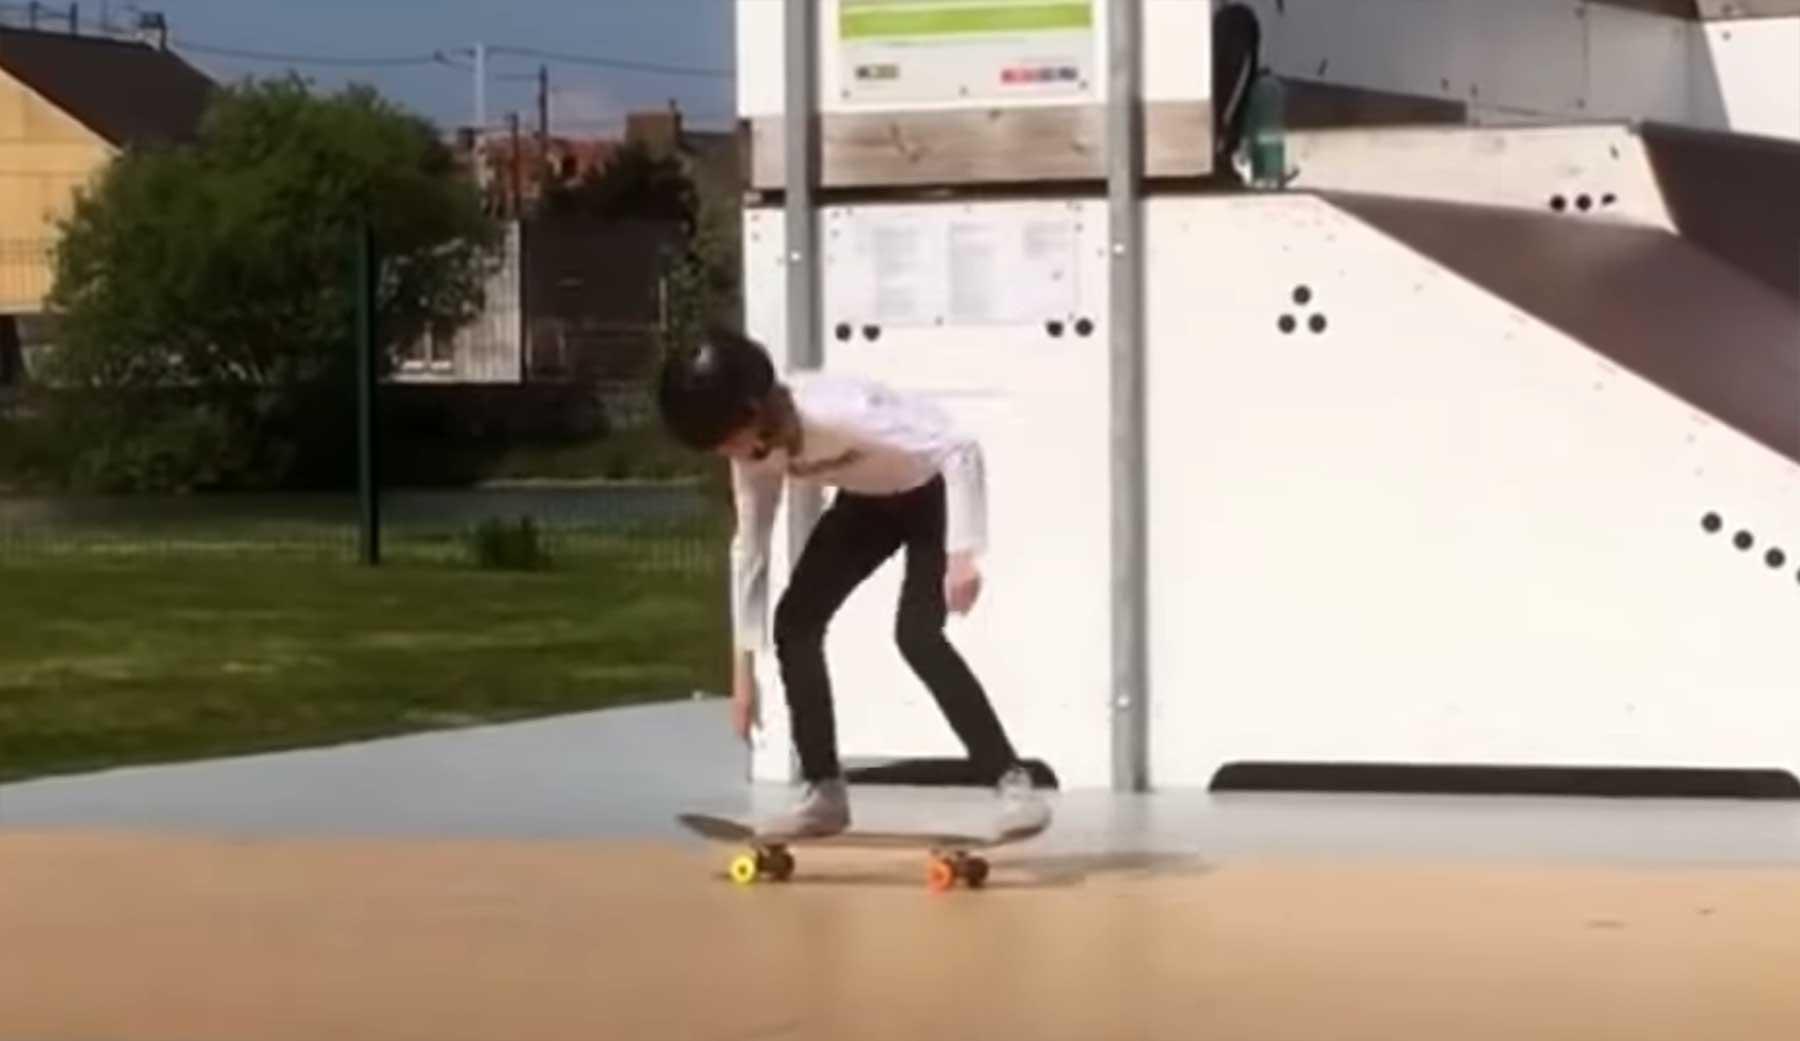 1 Jahre Skateboard-Lernen in 7 Minuten skateboarden-lernen-prozess